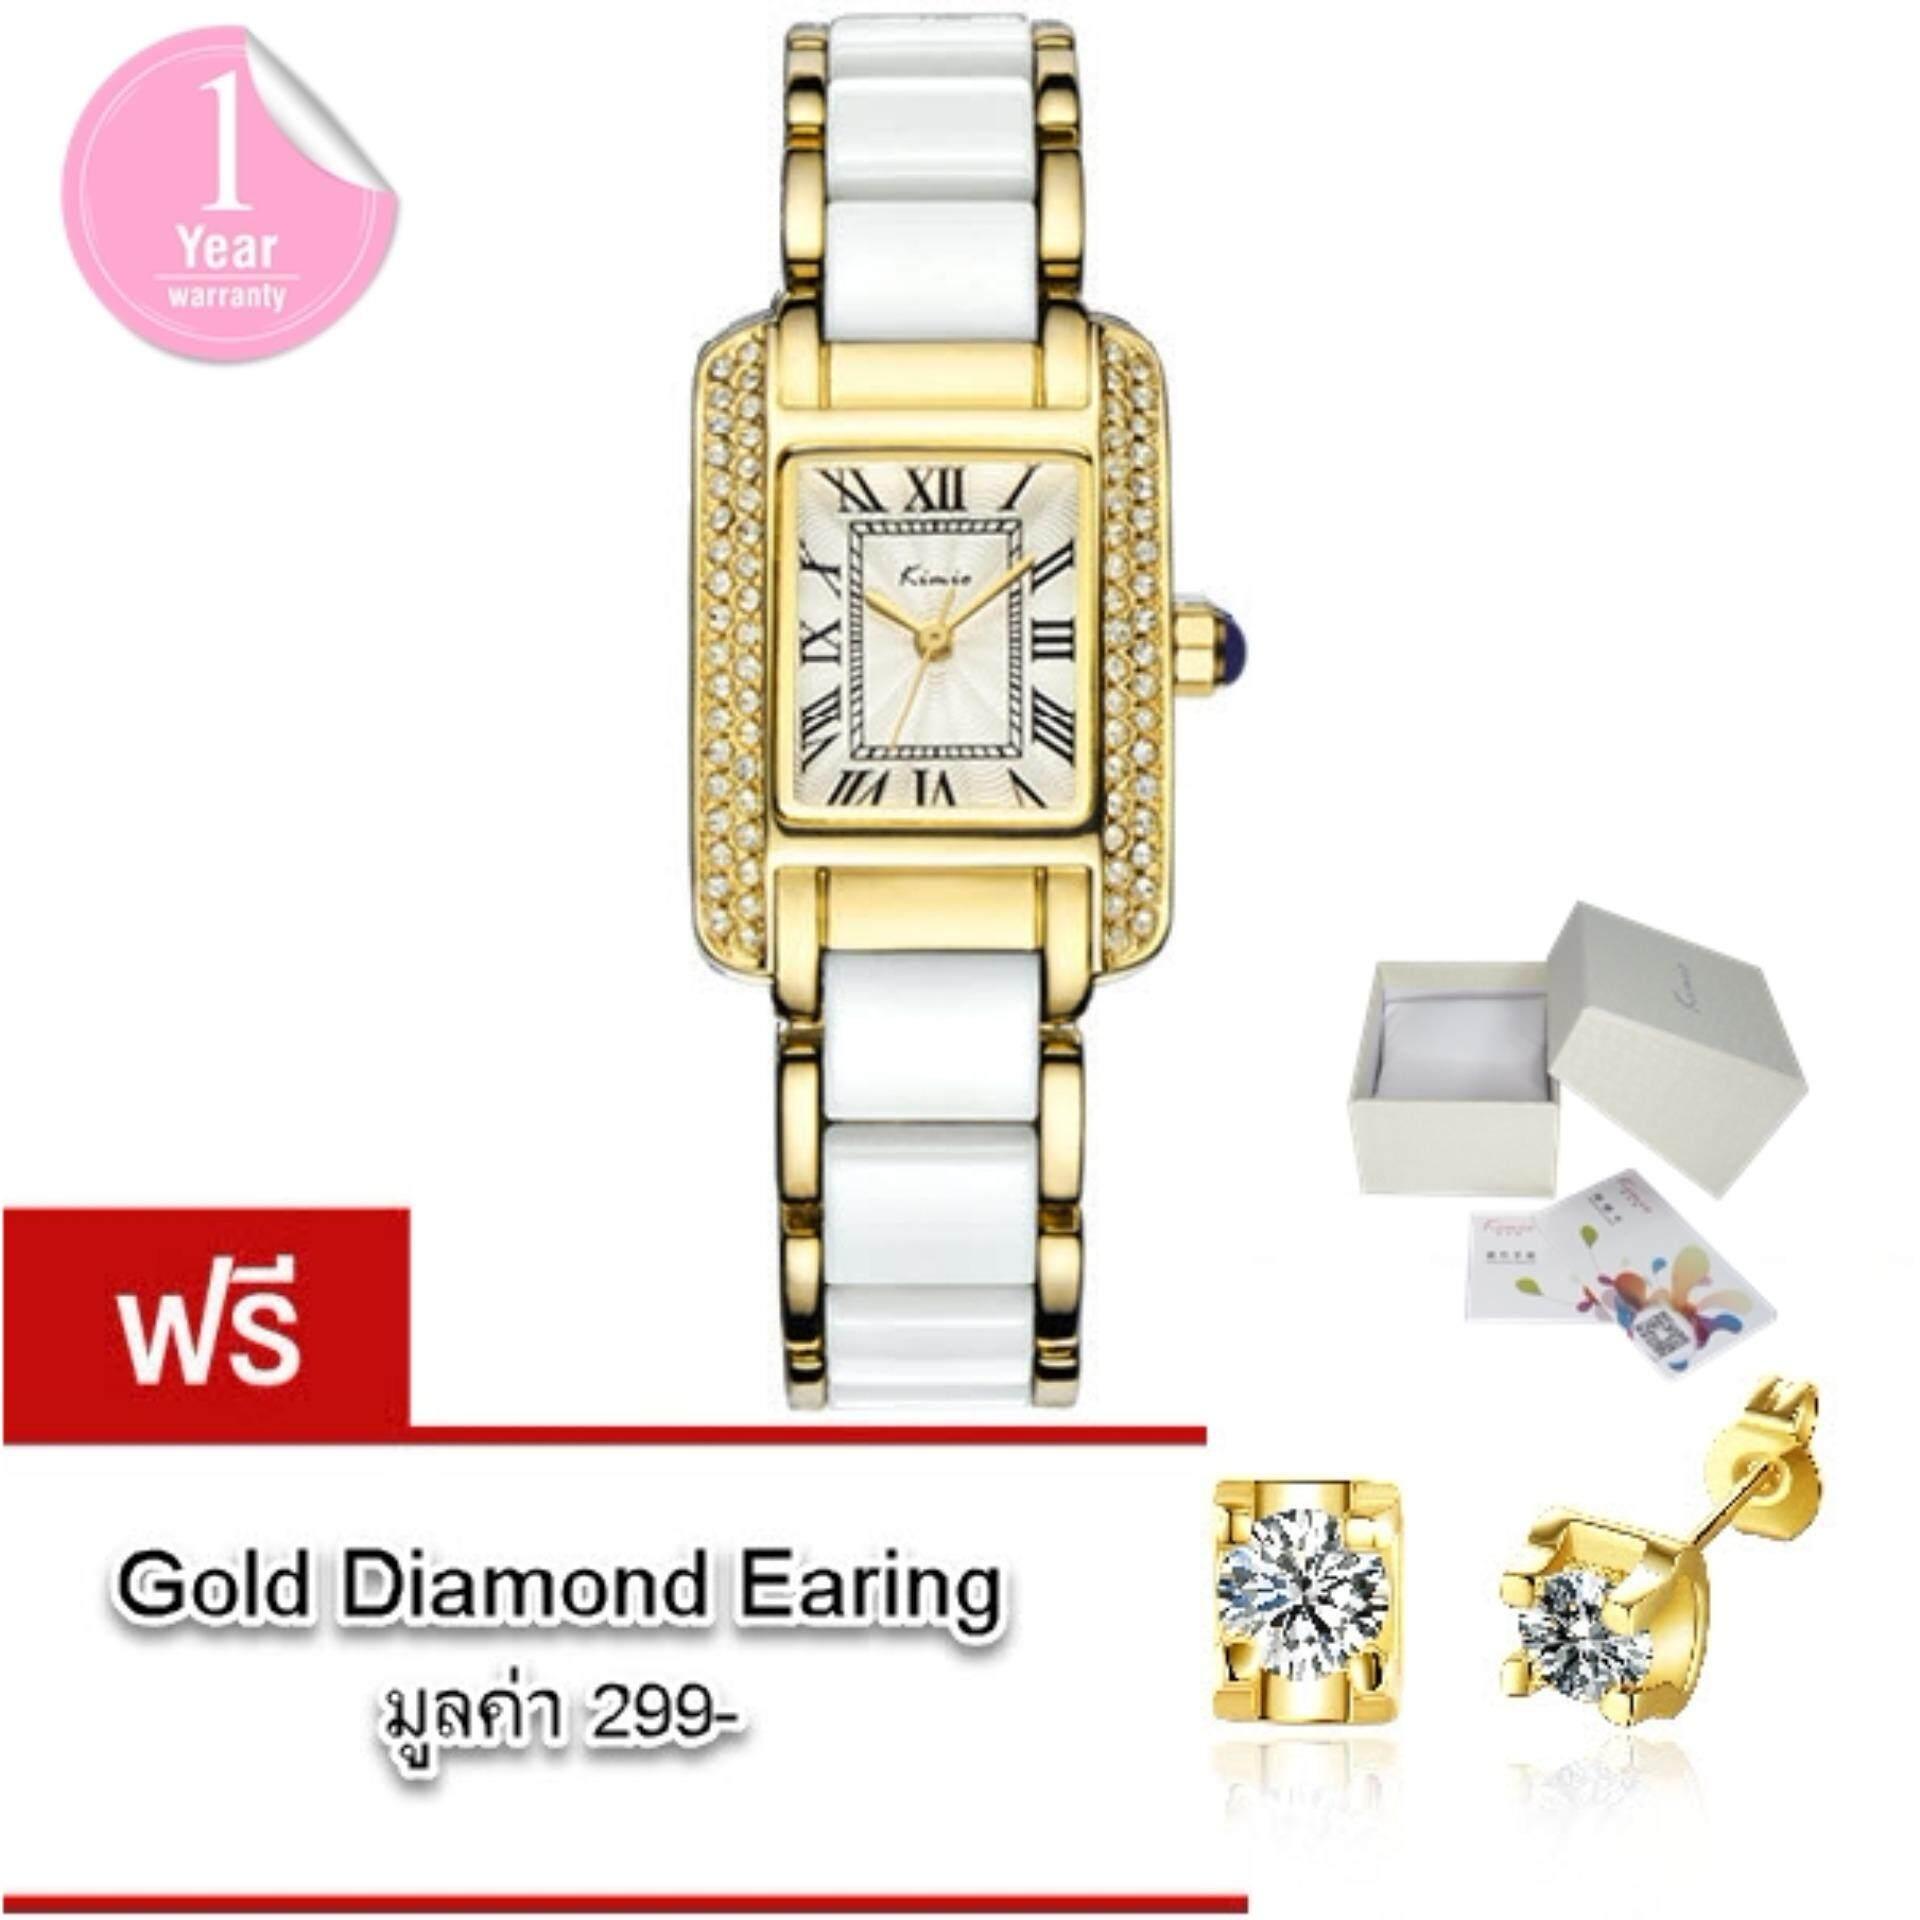 ซื้อ Kimio นาฬิกาข้อมือผู้หญิง แท้ 100 สาย Alloy สุดอินเทรนด์แฟชั่นของสาวๆ รุ่น Kw6036 พร้อมกล่อง Kimio แถมฟรี ต่างหูรูป Gold Diamond มูลค่า 299 ใหม่ล่าสุด